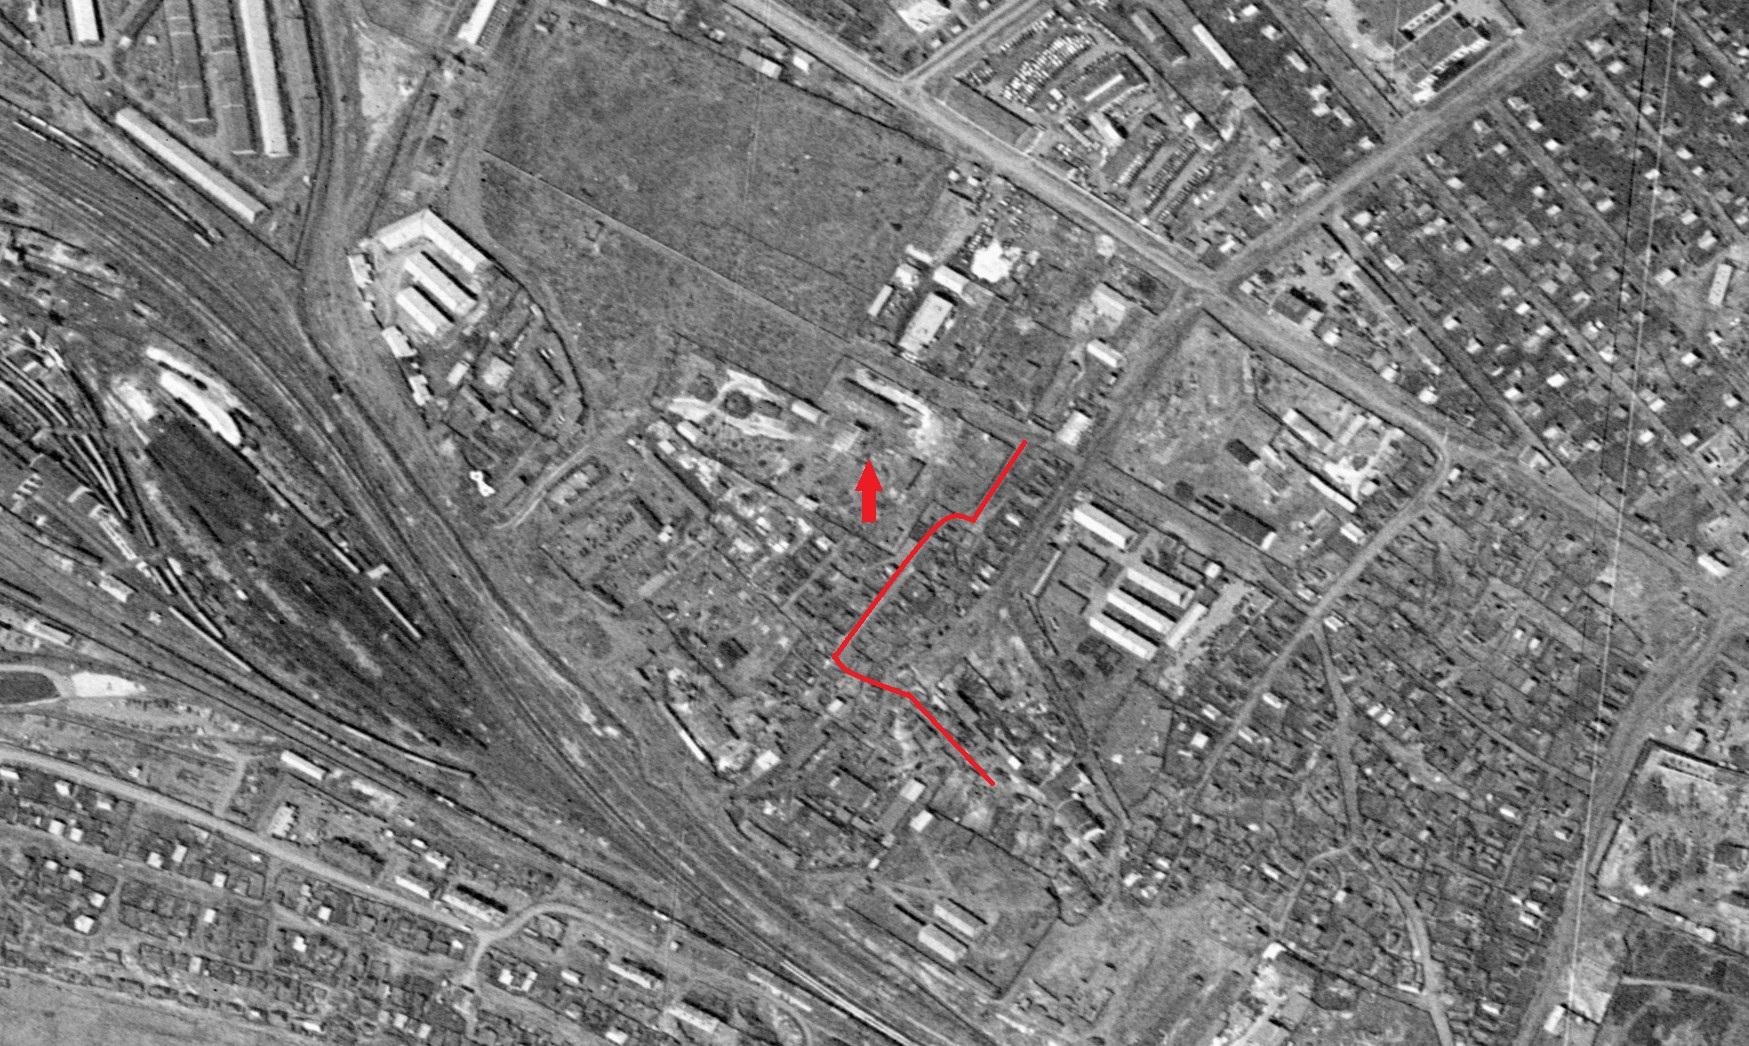 Улица Трехгорная в 1965 году